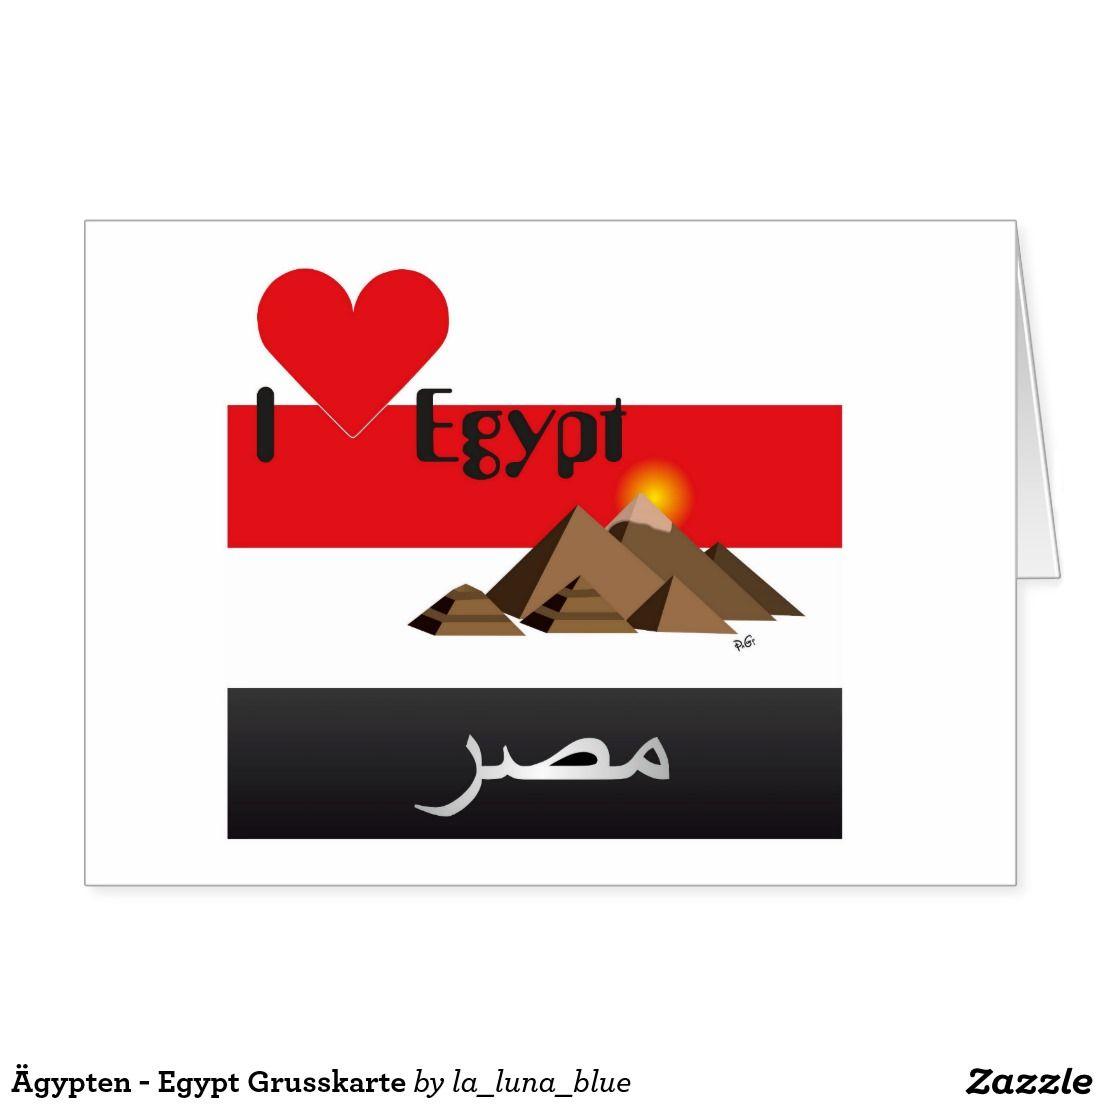 Ägypten - Egypt Grusskarte Grußkarte